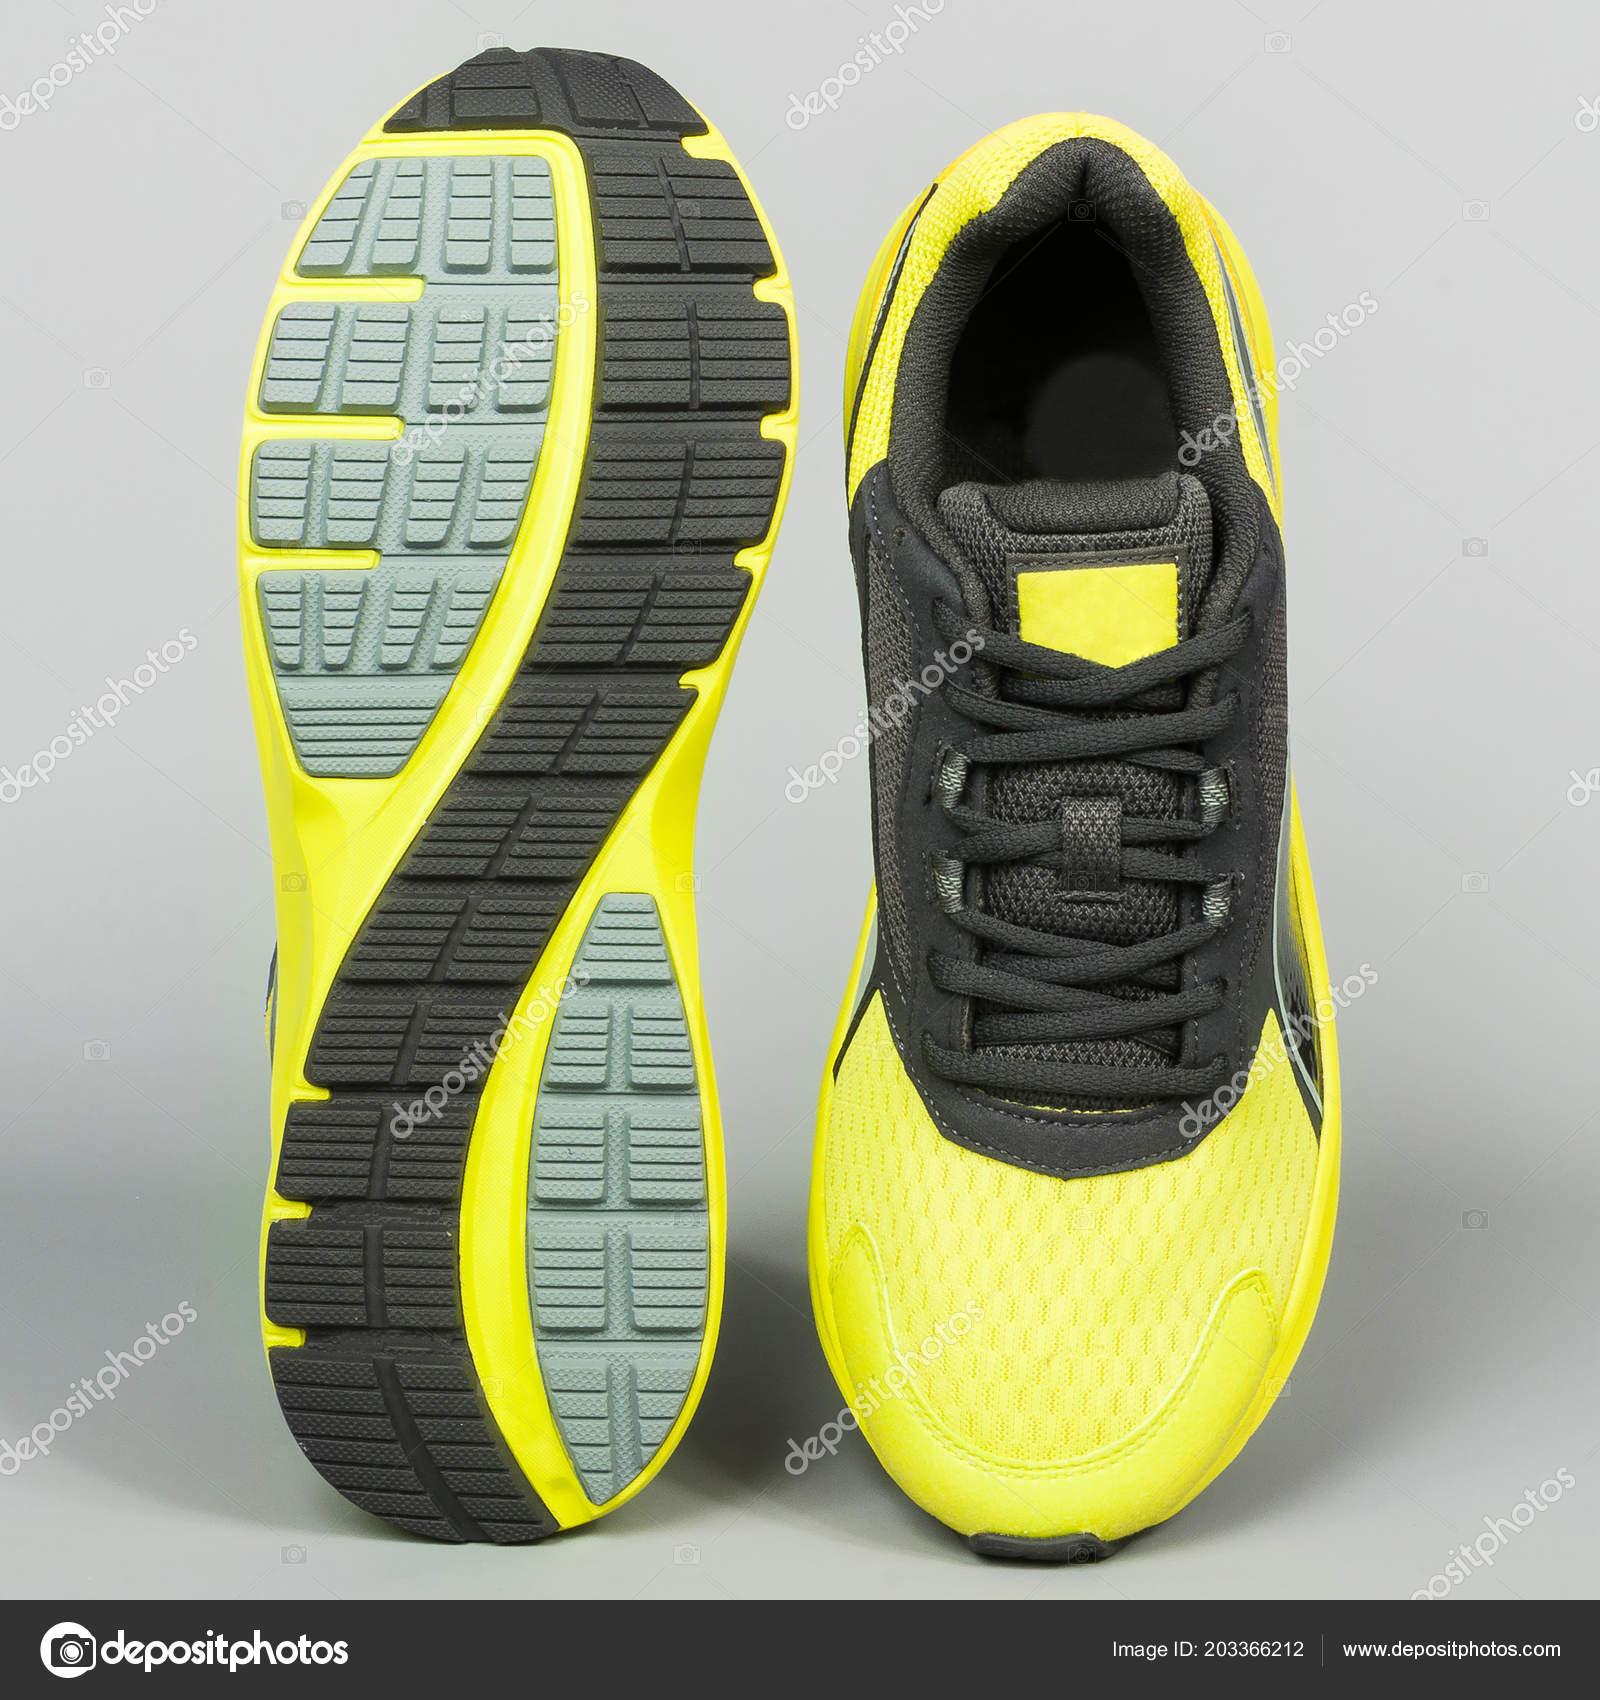 44cd3ba30ed Τένις Αθλητικά Παπούτσια Ουδέτερο Φόντο — Φωτογραφία Αρχείου ...